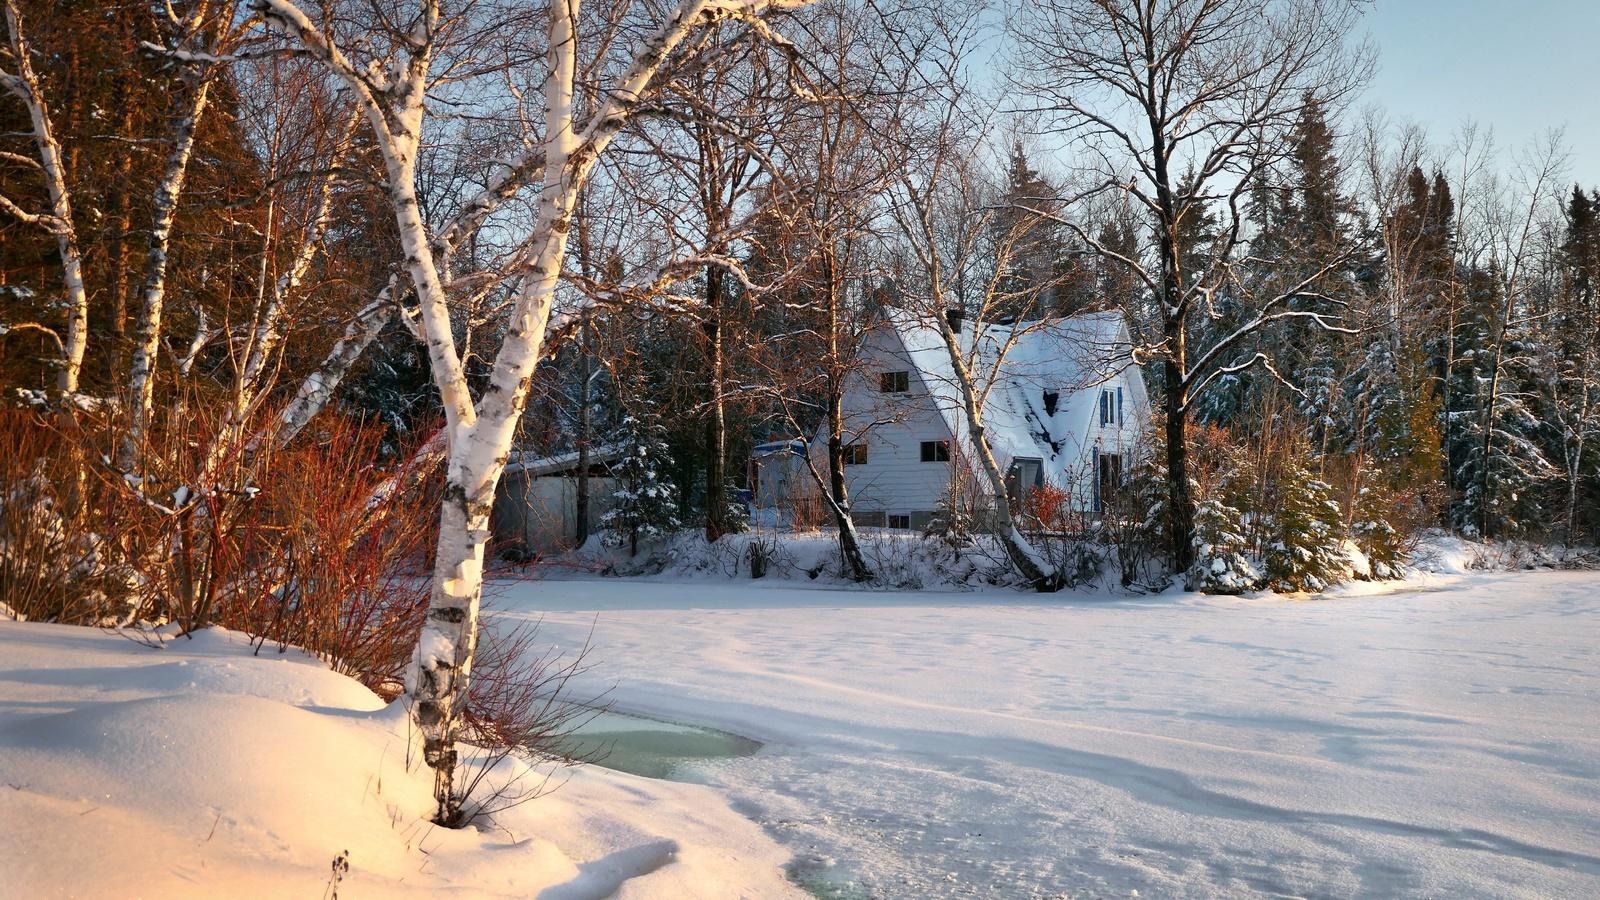 зима, лес, снег, деревья, пейзаж, природа, озеро, дом, коттедж, лёд, канада, берега, квебек